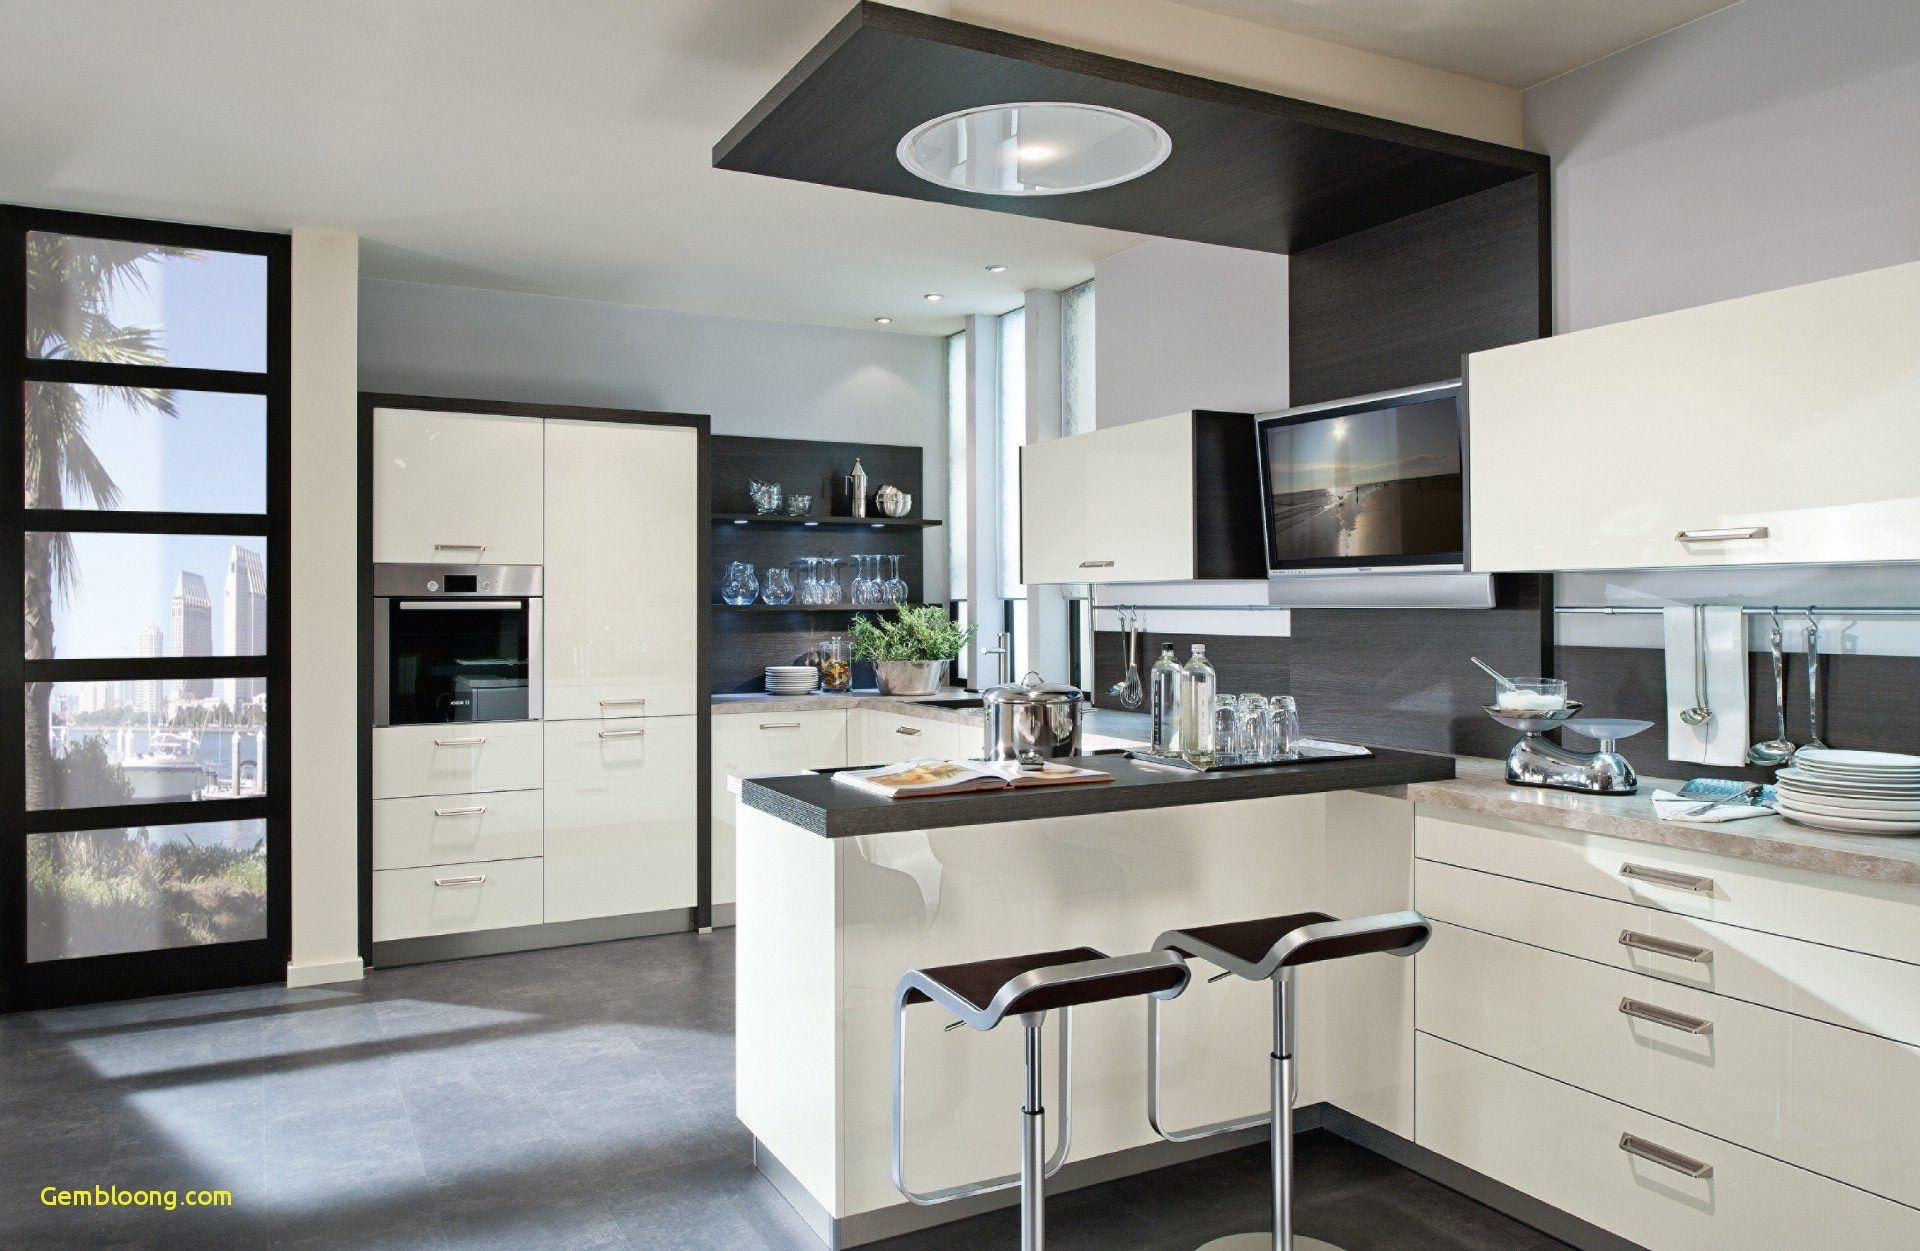 39 Das Beste Von Deko Ideen Insel Curved Kitchen Kitchen Island With Seating Curved Kitchen Island